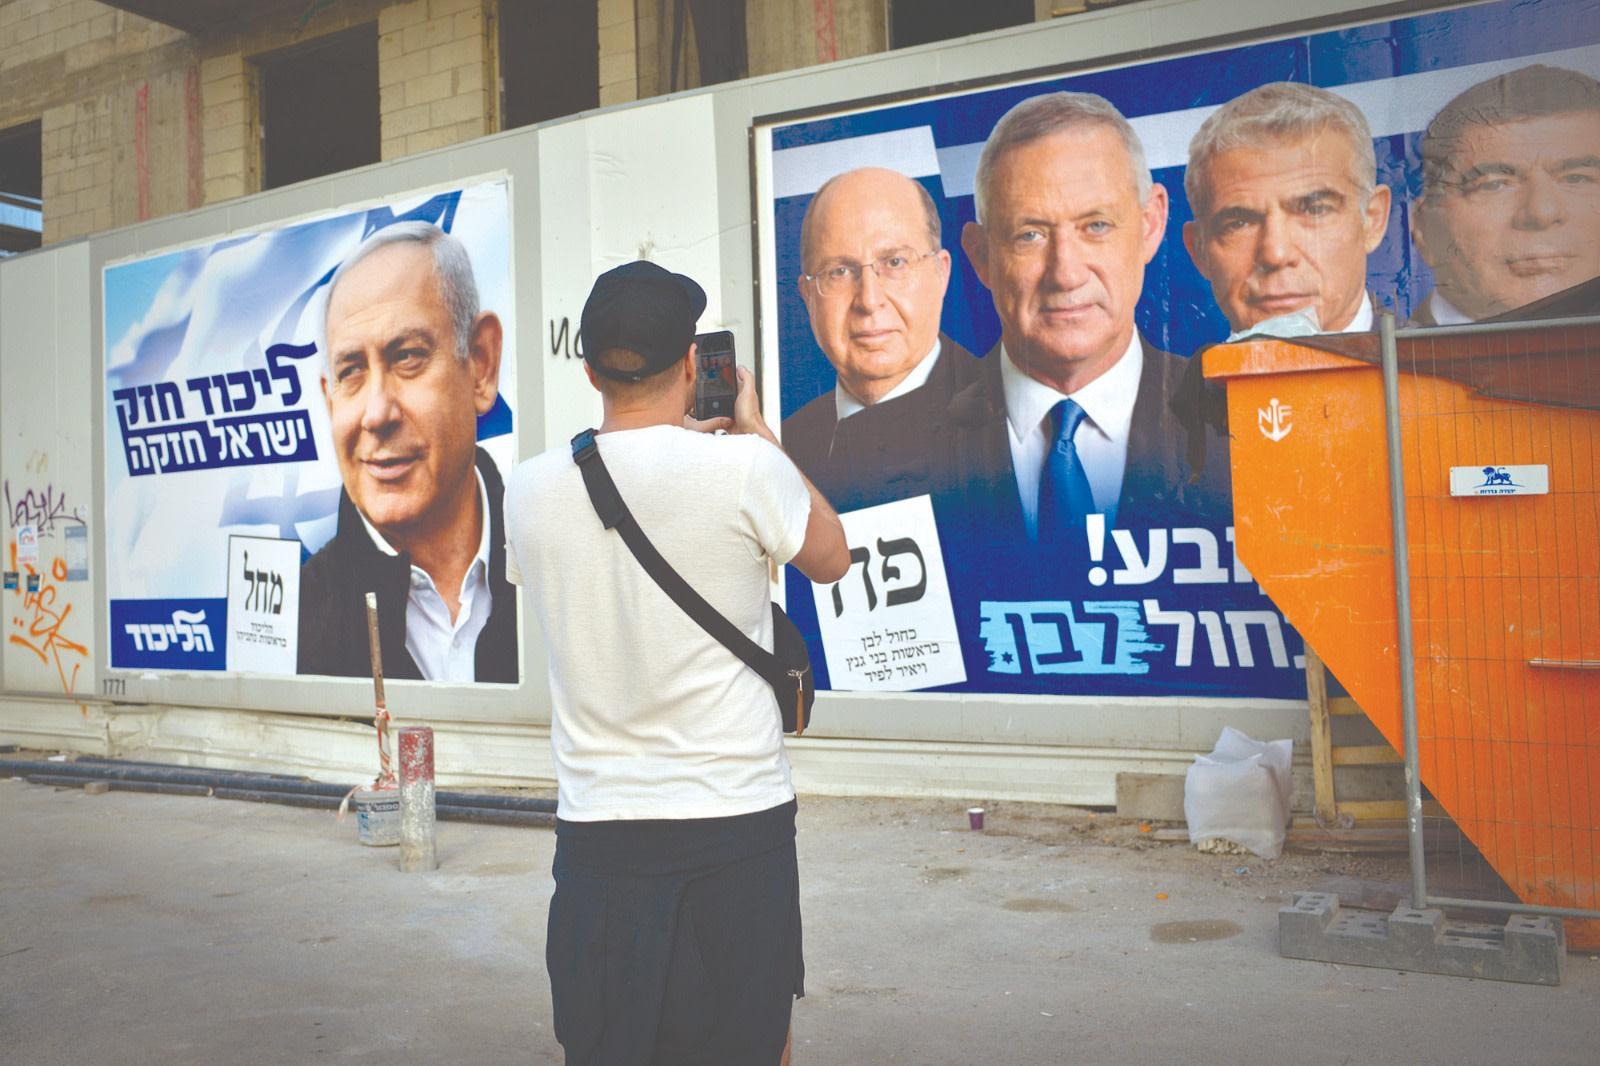 קמפיין בחירות. צילום: אדם שולדמן, פלאש 90